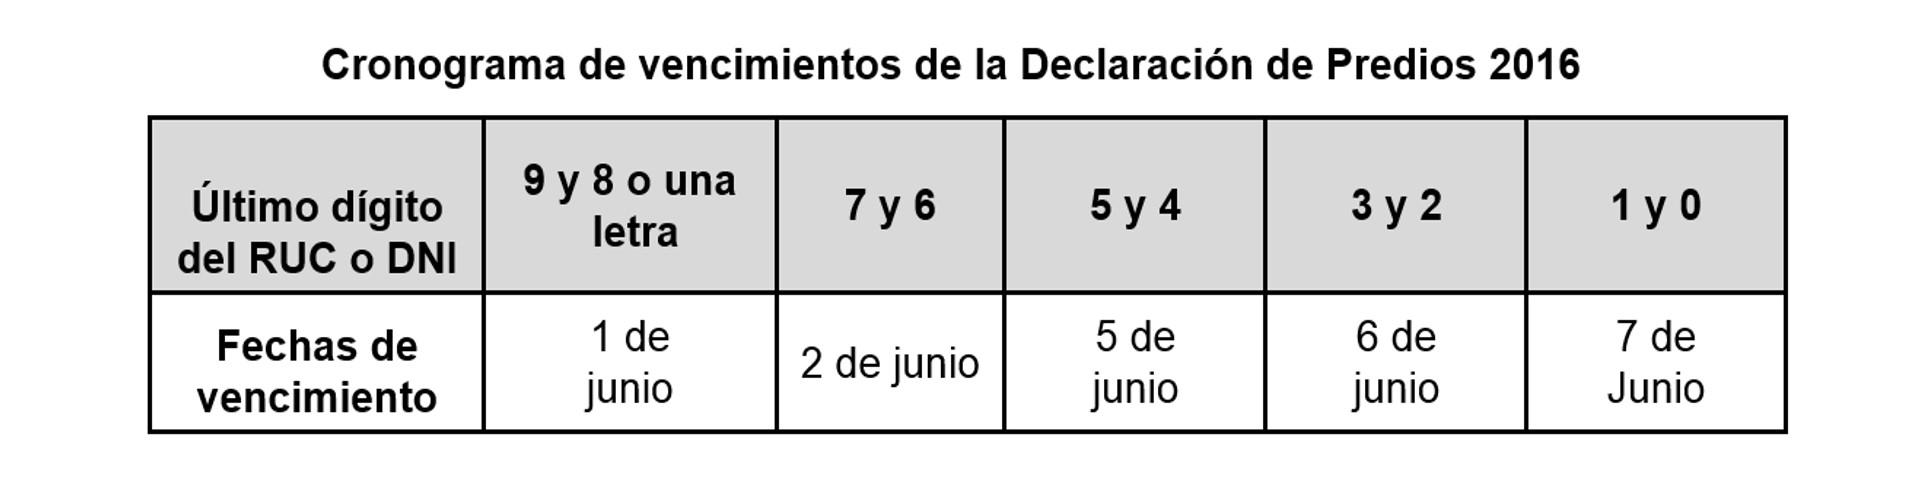 Sunat: El 1 de junio empieza presentación de Declaración de Predios, ¿quiénes deben hacerlo?